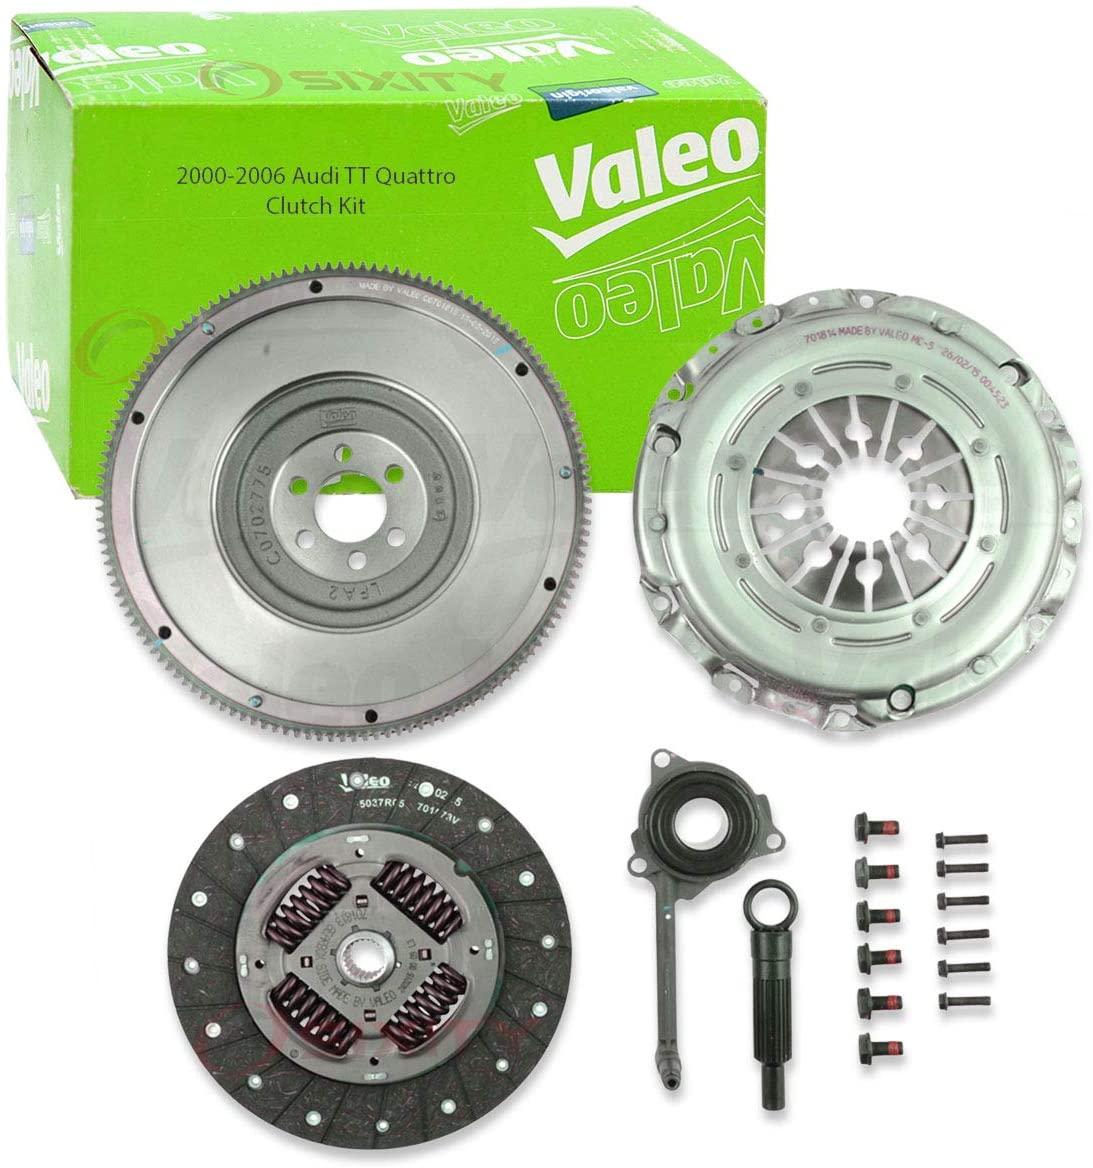 Valeo Clutch Kit for 2000-2006 Audi TT Quattro 1.8L L4 - Manual Transmission Clutch Disc Pressure Plate Cover Release Bearing